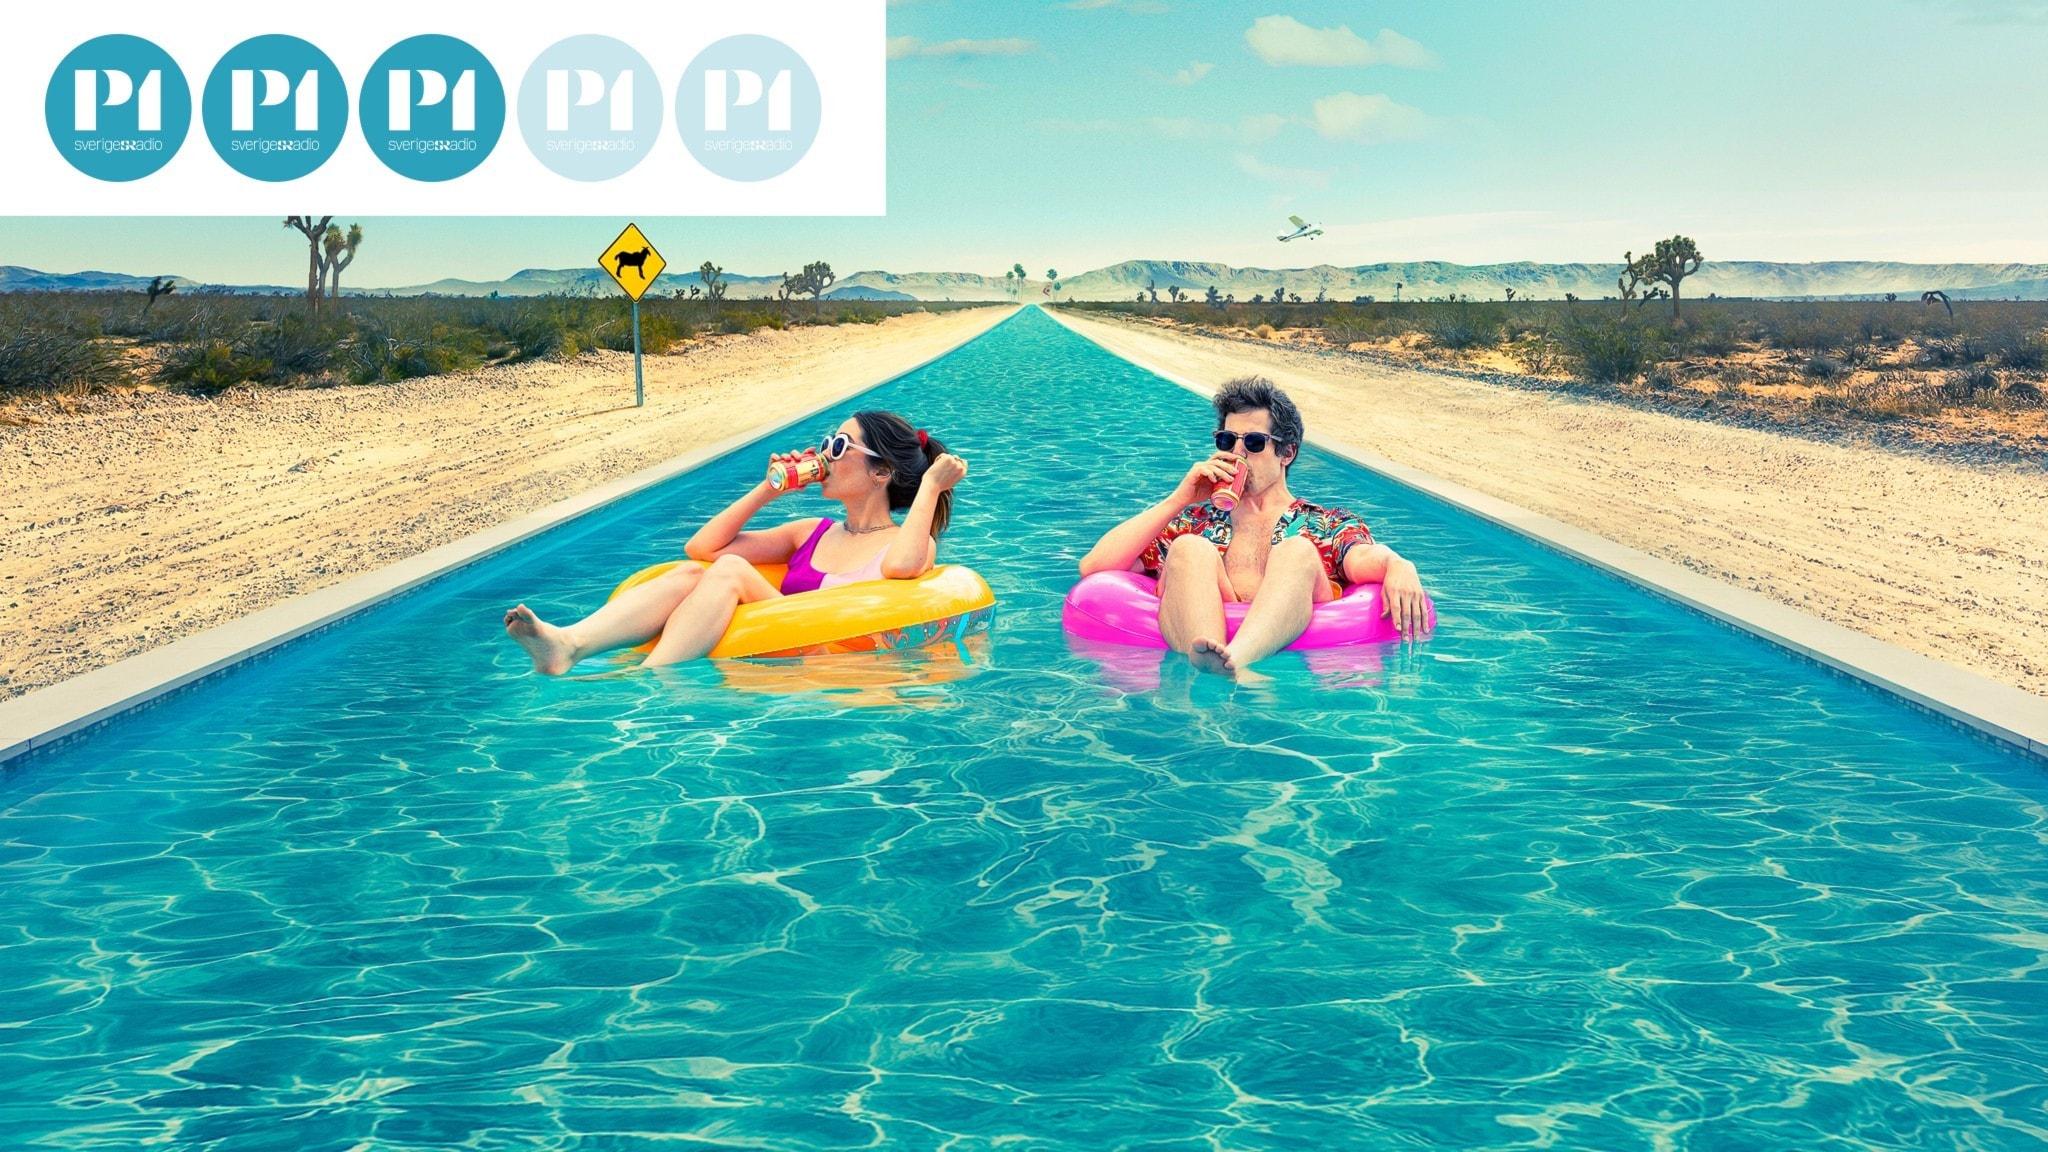 En kvinna och en man ligger i en solig pool, i badringar och dricker drinkar. Filmaffischen för filmen Palm Springs (2020)